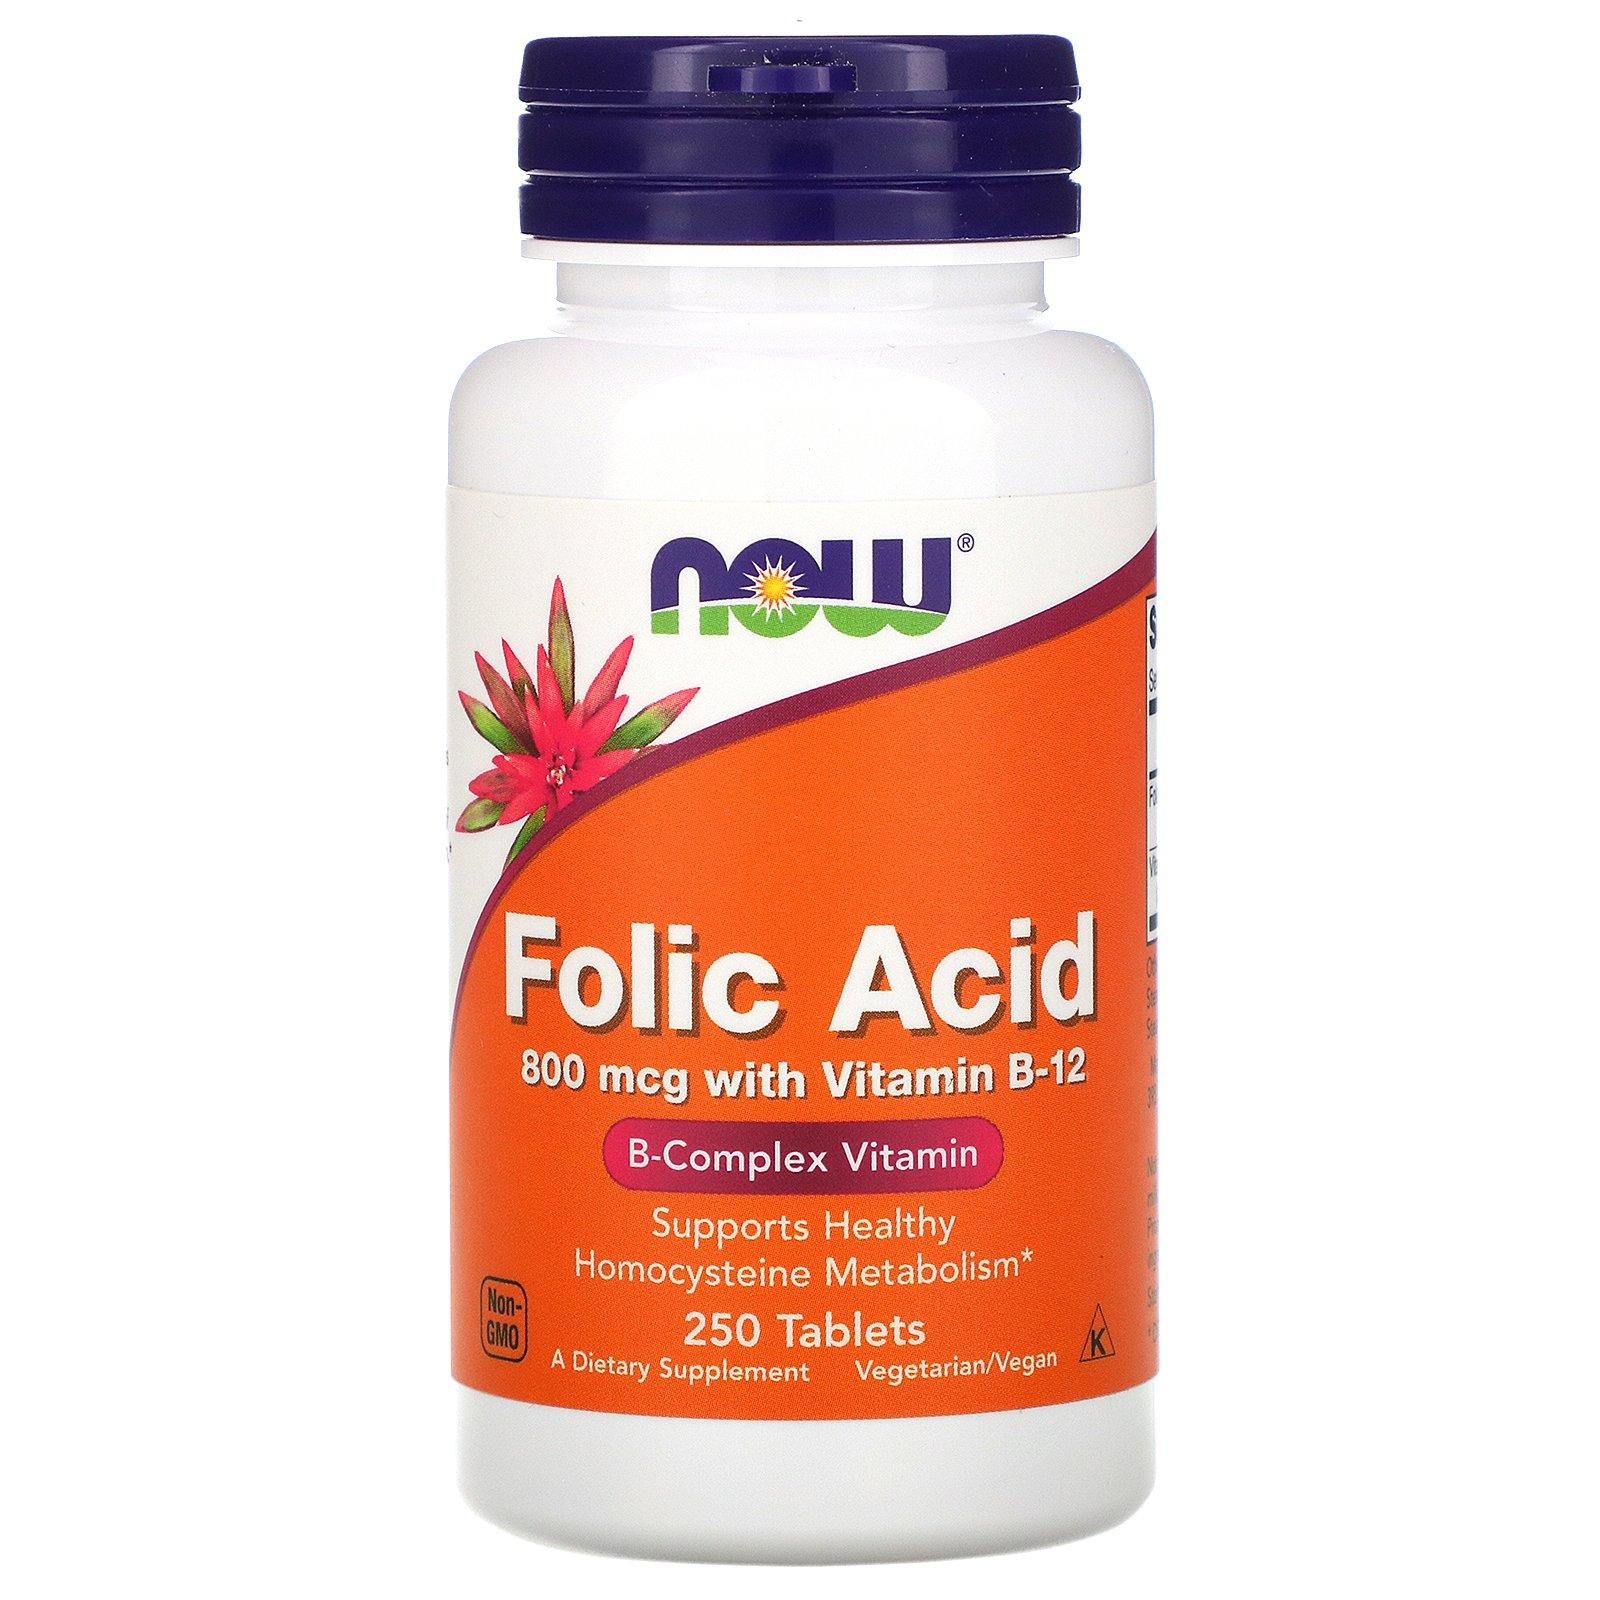 folic acid vitamin b